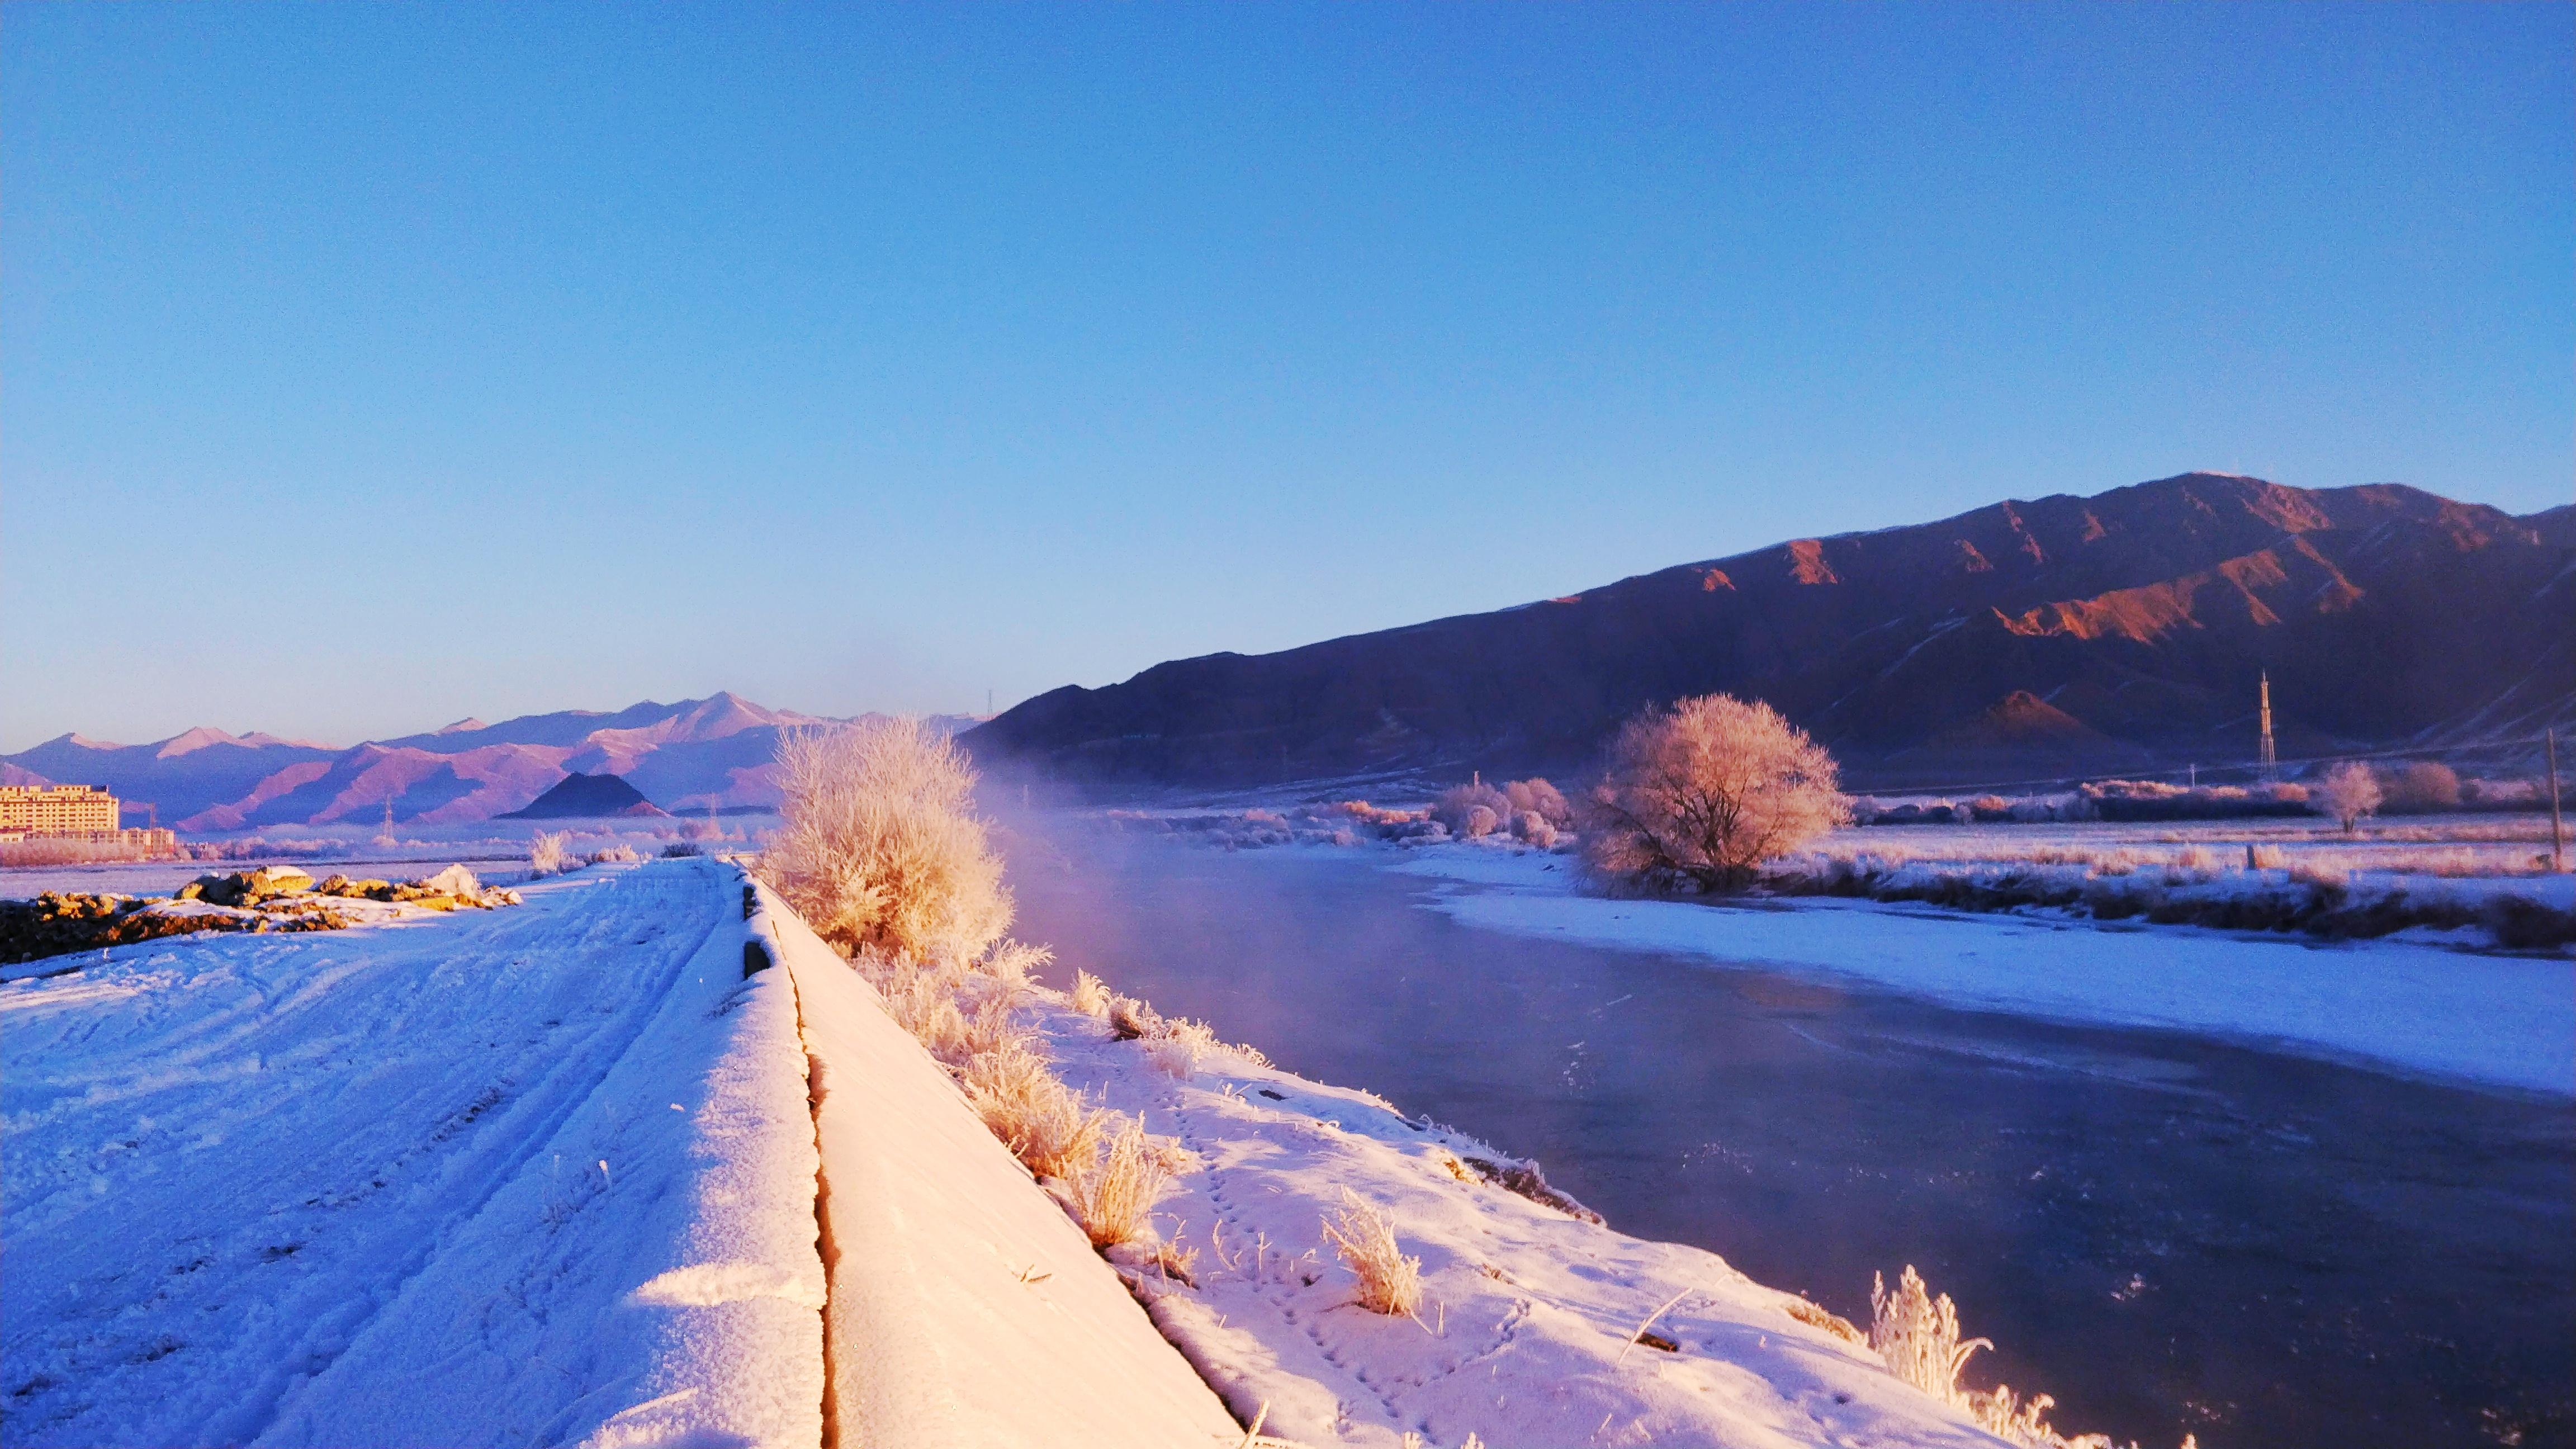 雪景38.jpg